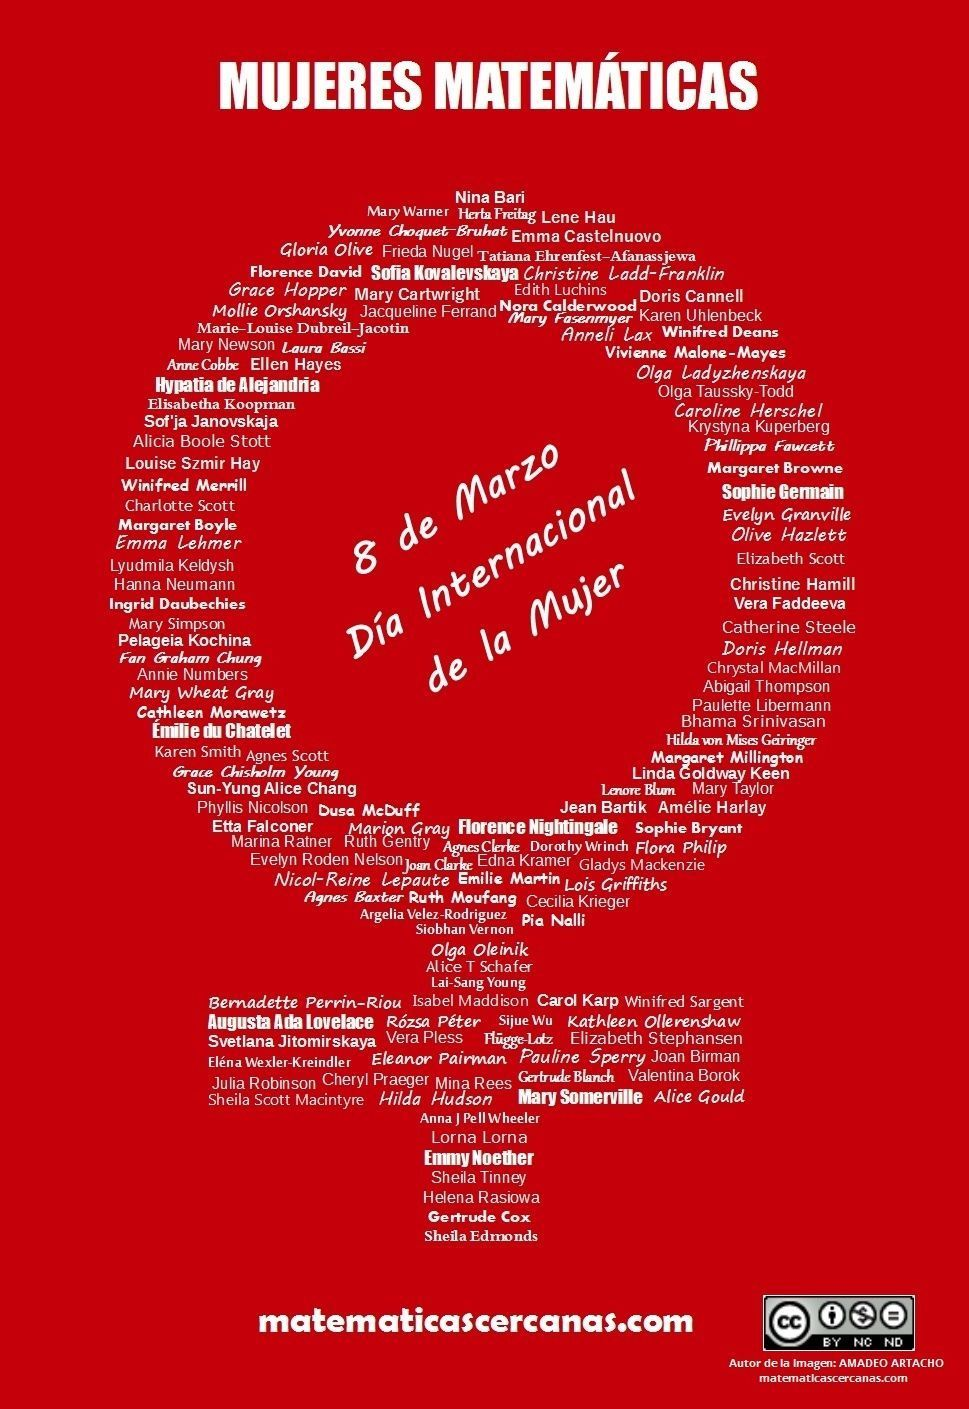 8 de Marzo, Día Internacional de la Mujer. Mujeres Matemáticas.